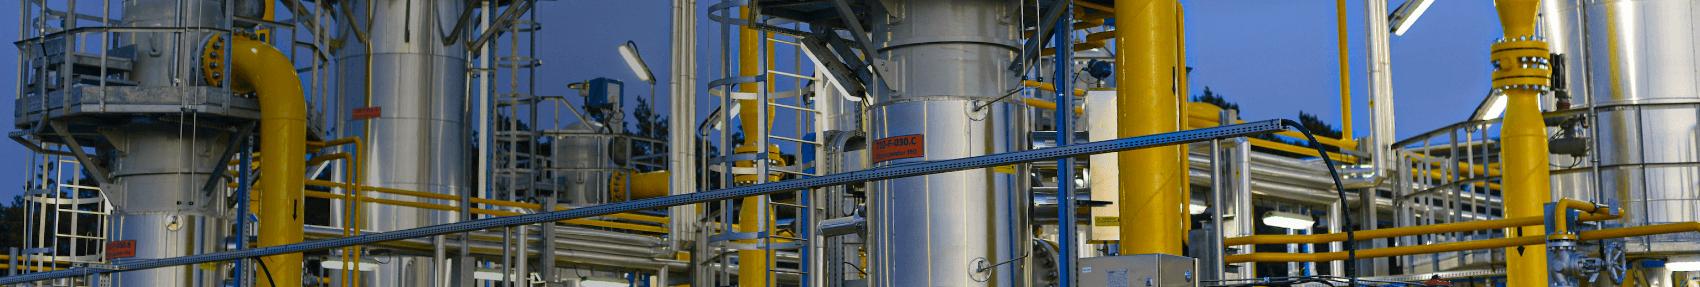 Realizacje - Oferta budowy - PGNiG